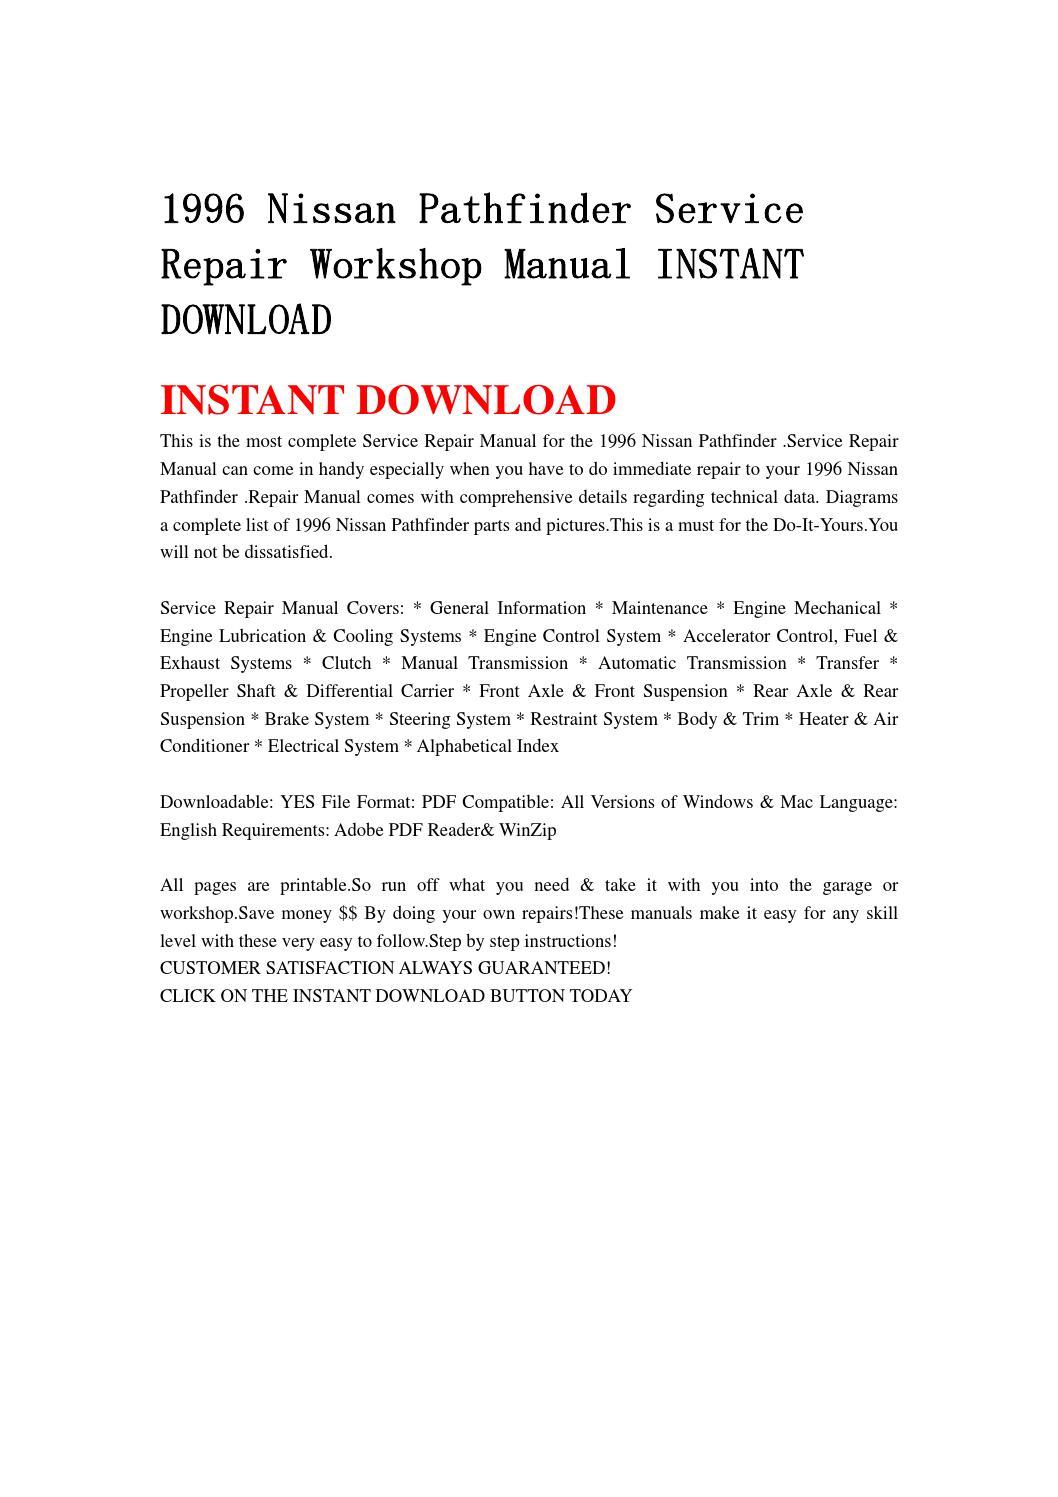 1996 nissan pathfinder service repair workshop manual instant download by  kmjsehfn mksejfn - issuu